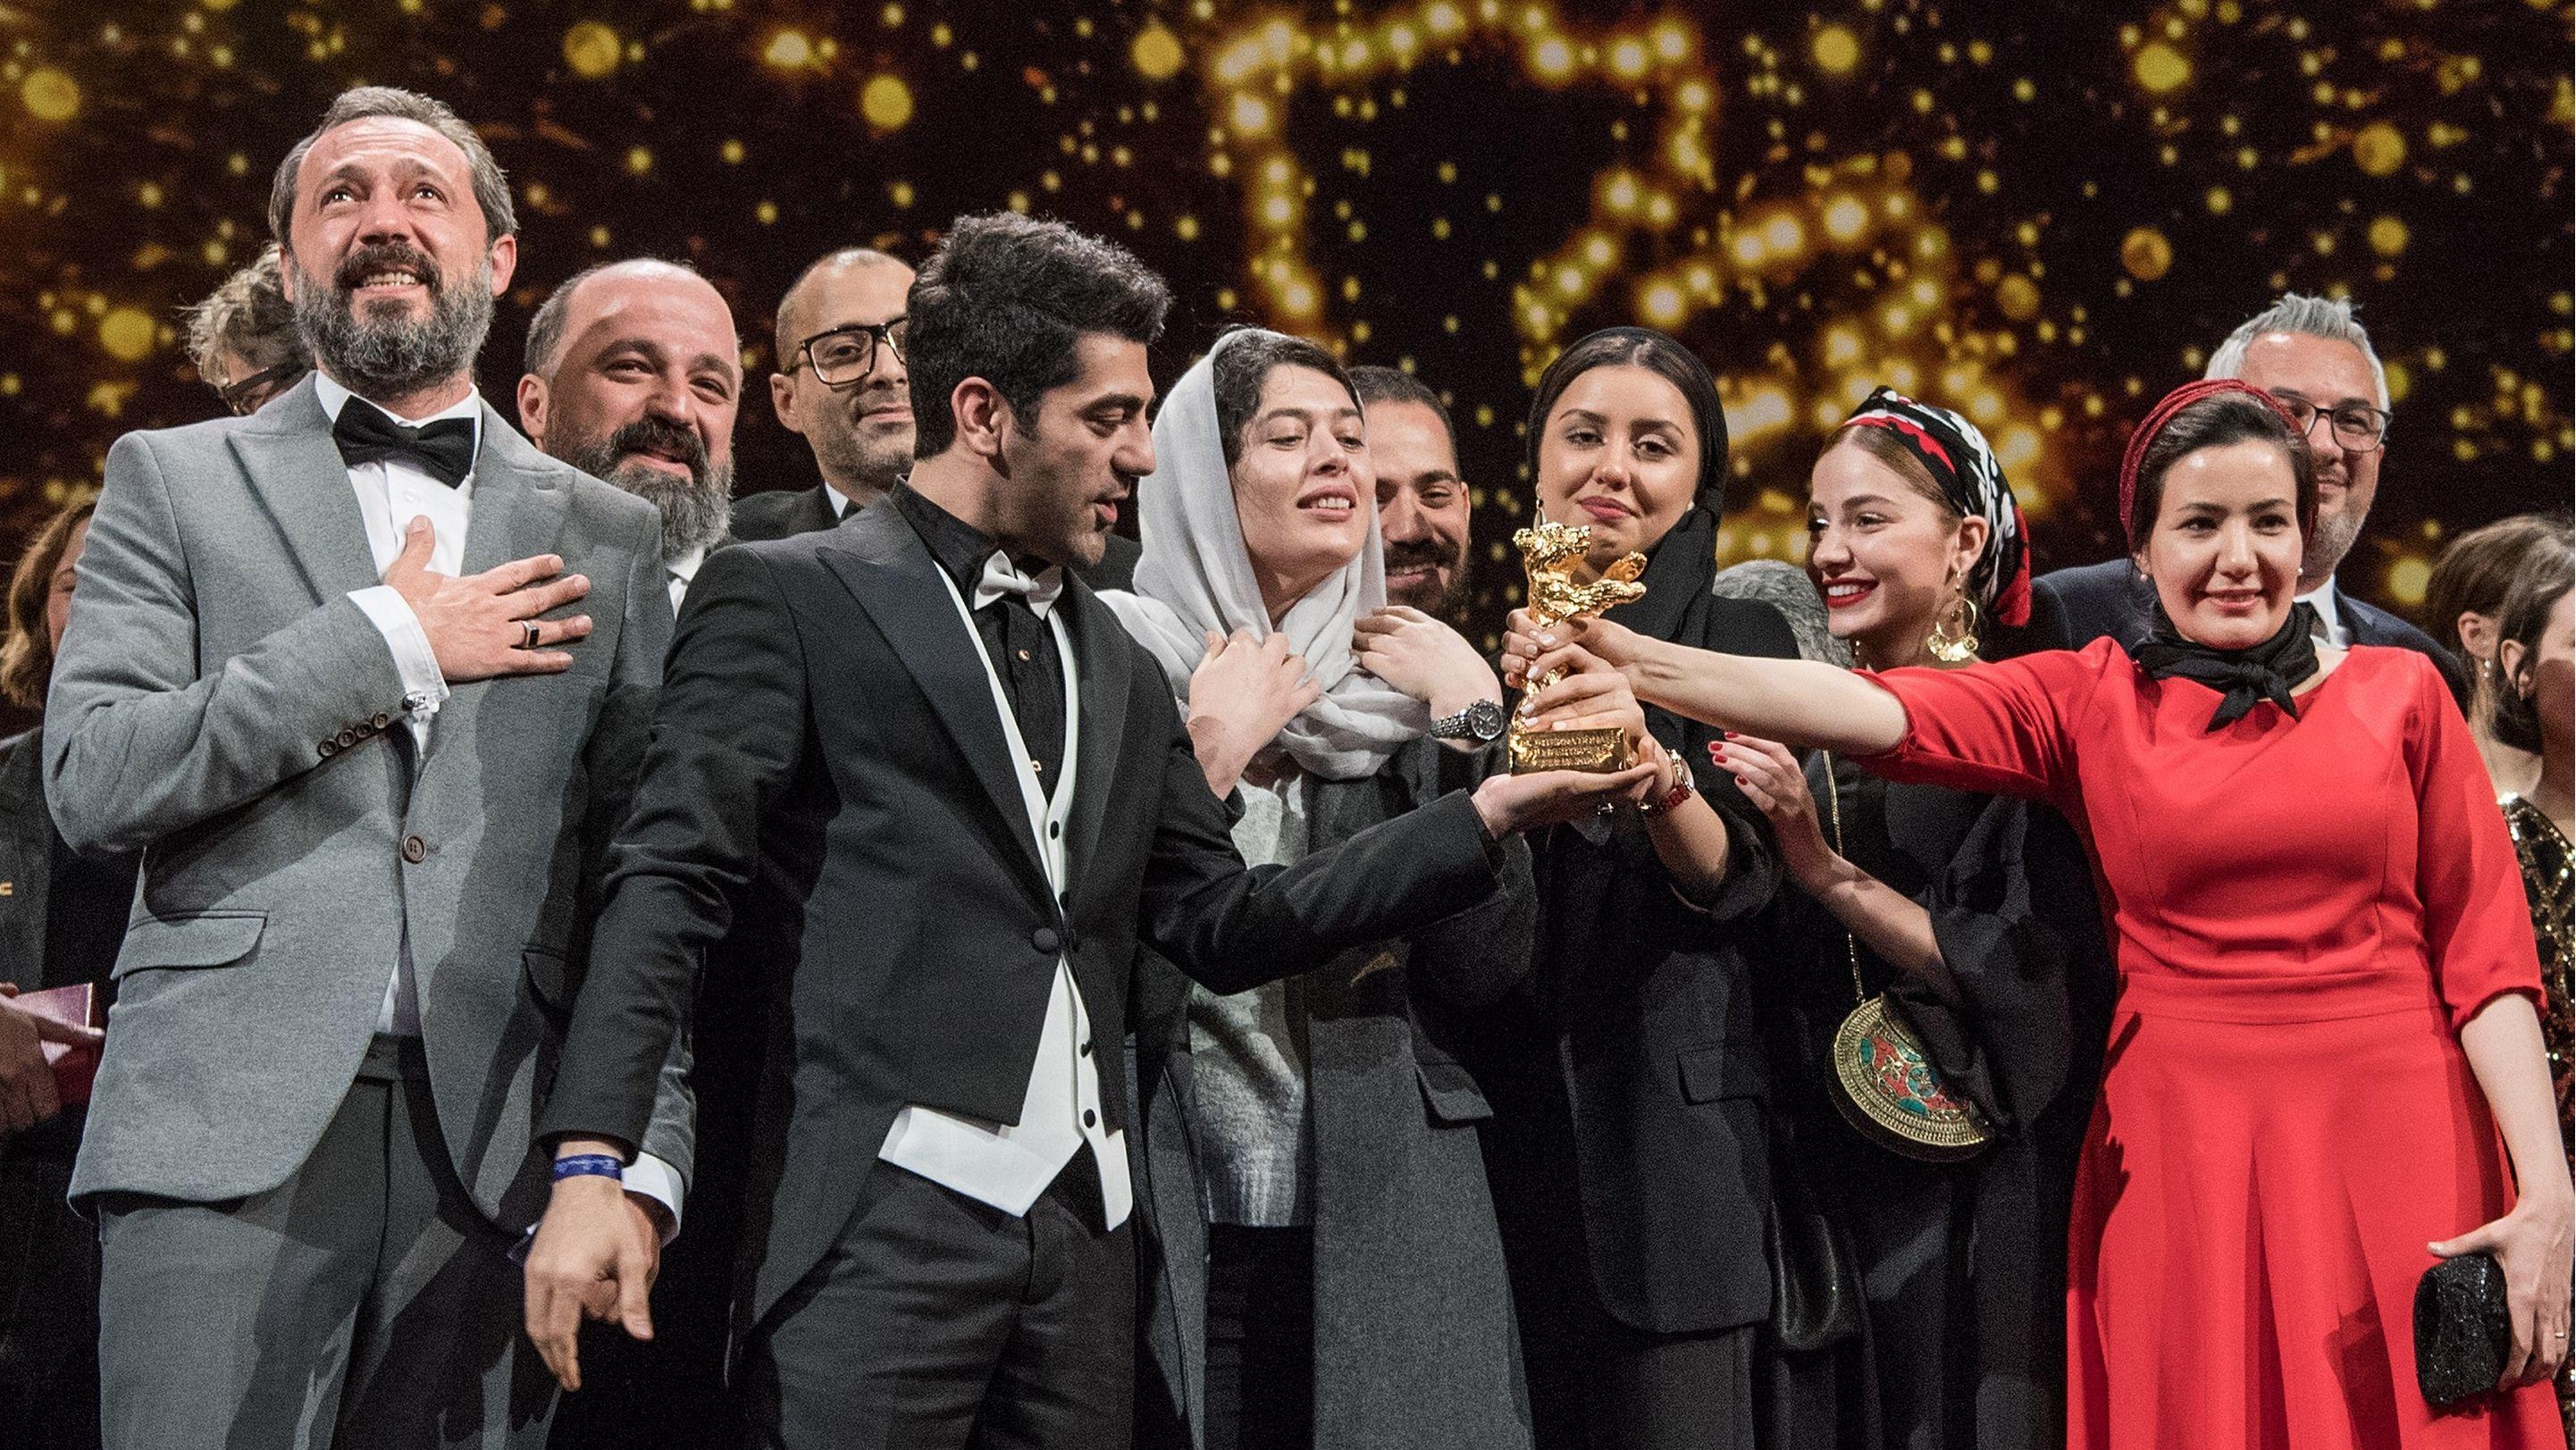 """Auch der Bühne stehen Menschen, die sich sehr freuen. Sie halten den goldenen Bären hoch: Das Team des iranischen Films """"There is no evil"""" am Samstag Abend bei der Verleihung des Goldenen Bären der Berlinale"""